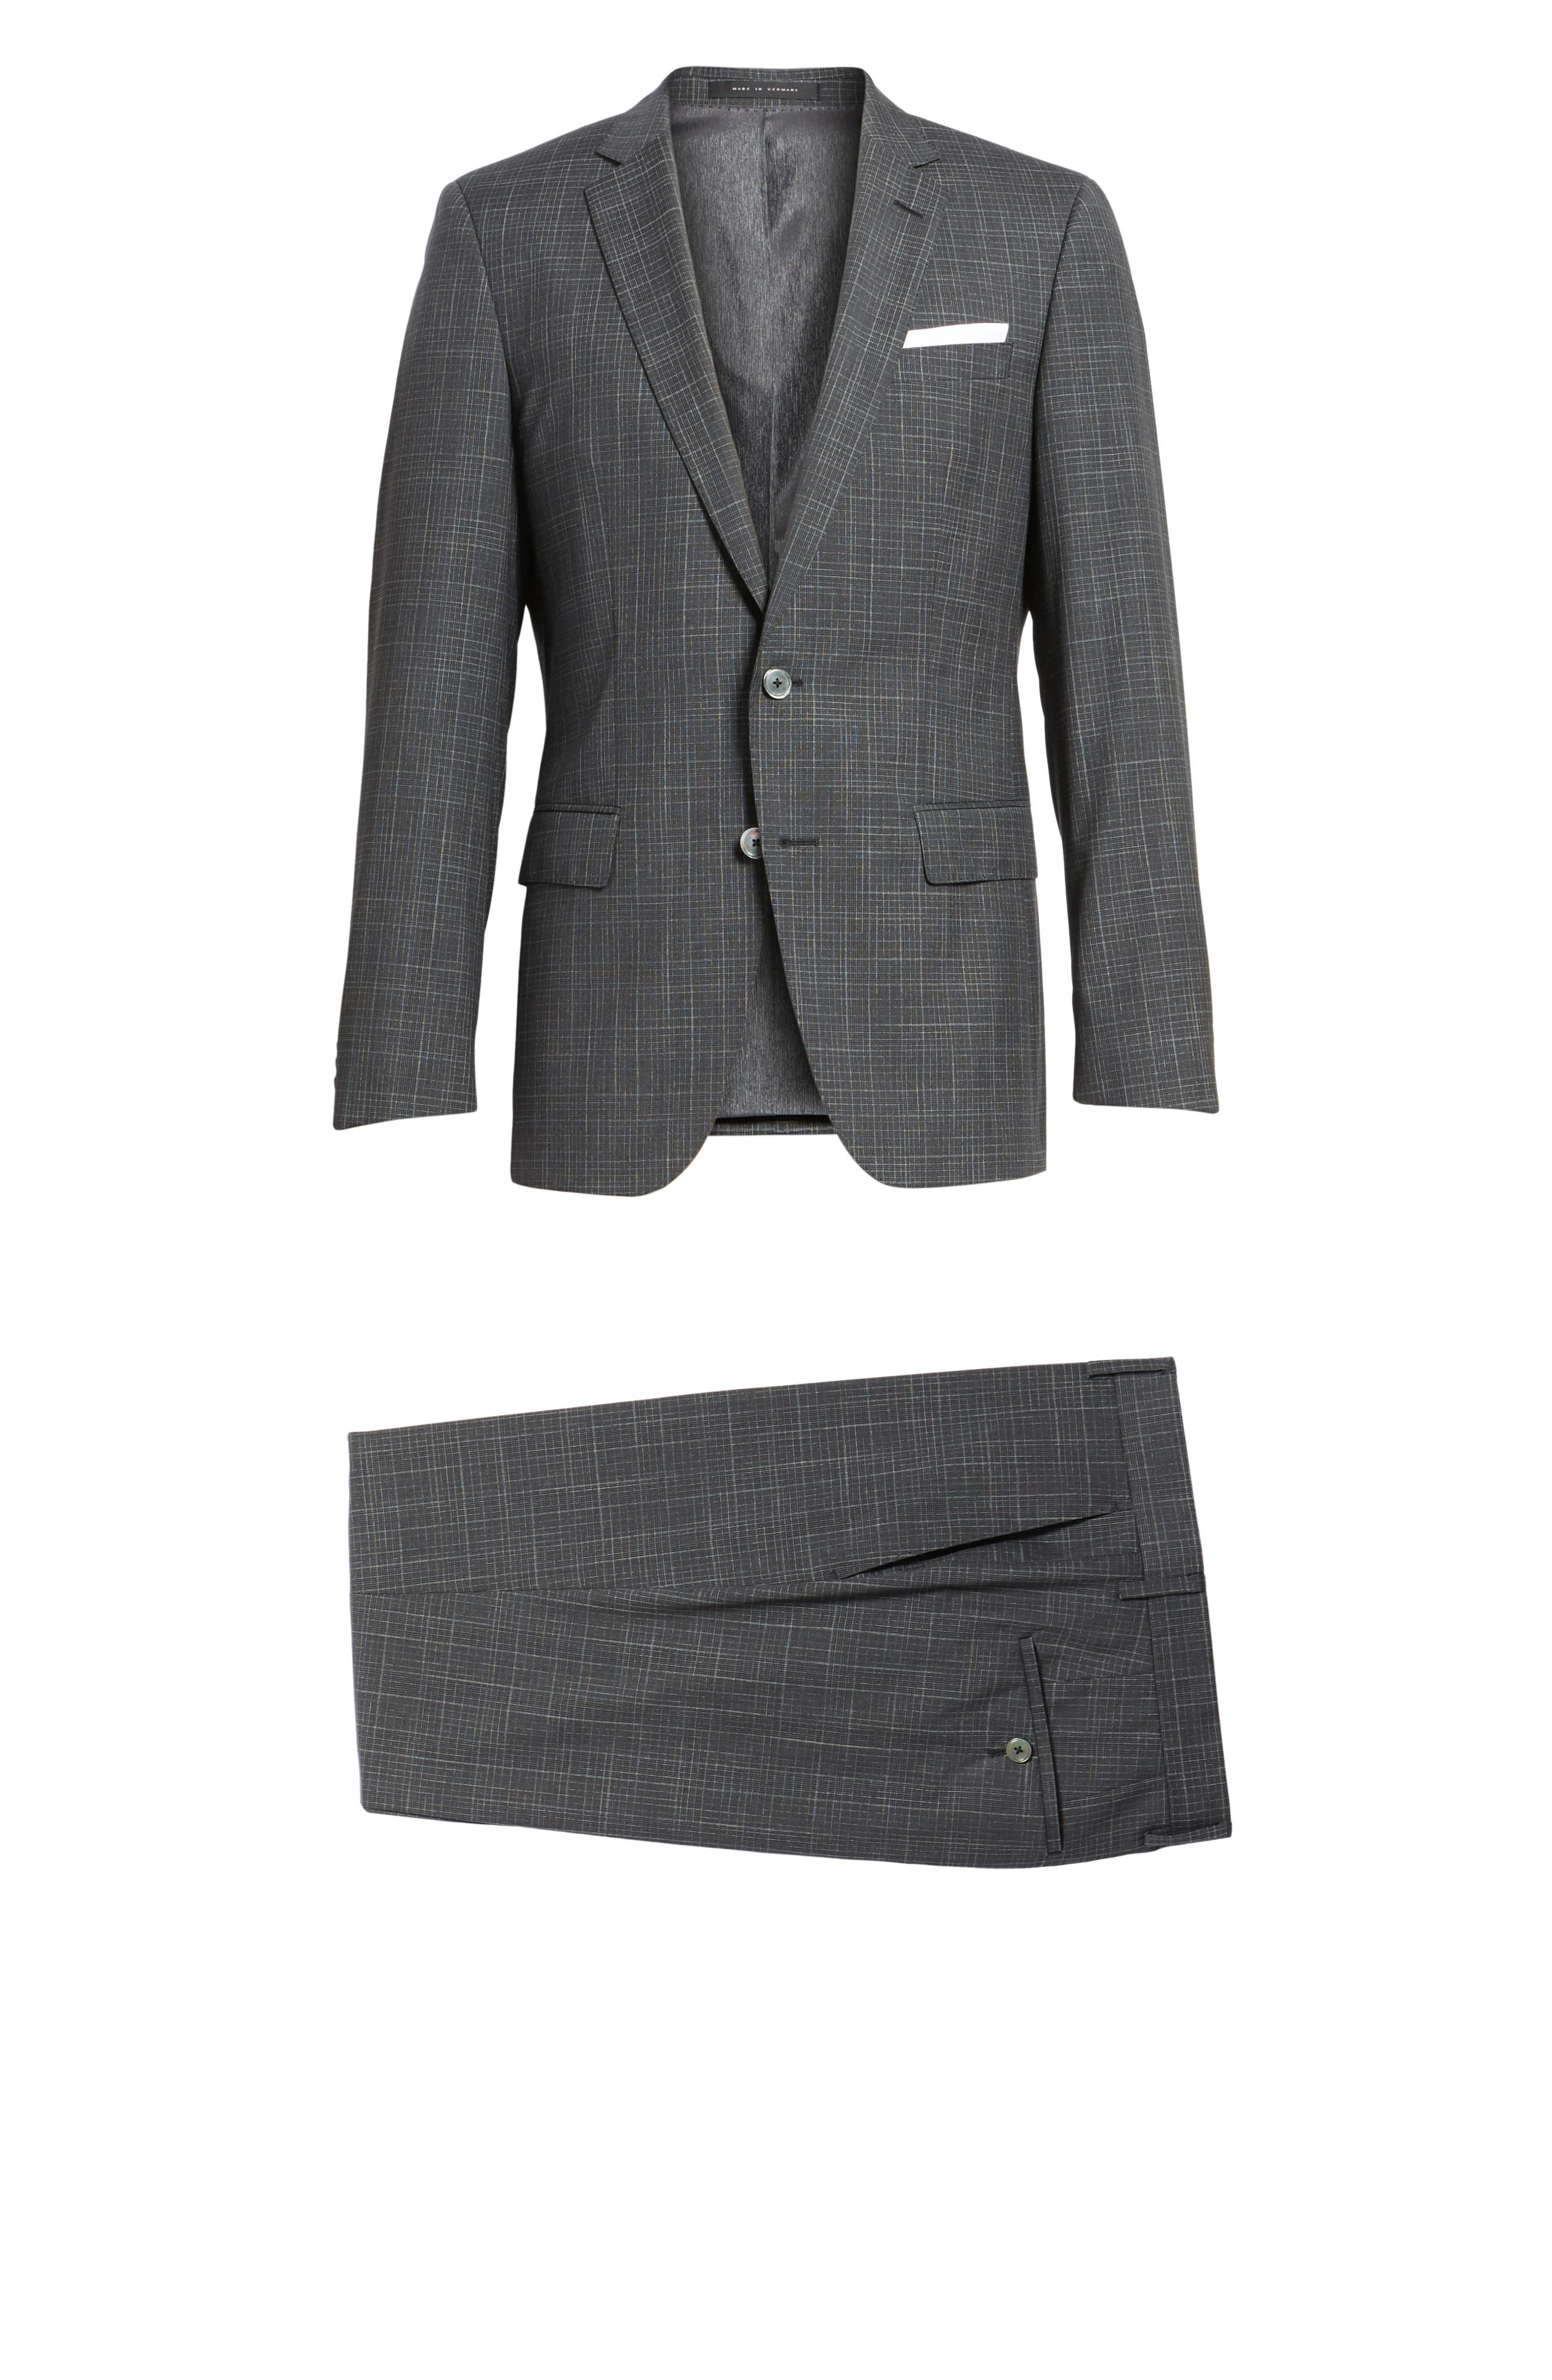 Hutson/Gander Trim Fit Plaid Wool Suit,                             Alternate thumbnail 8, color,                             061